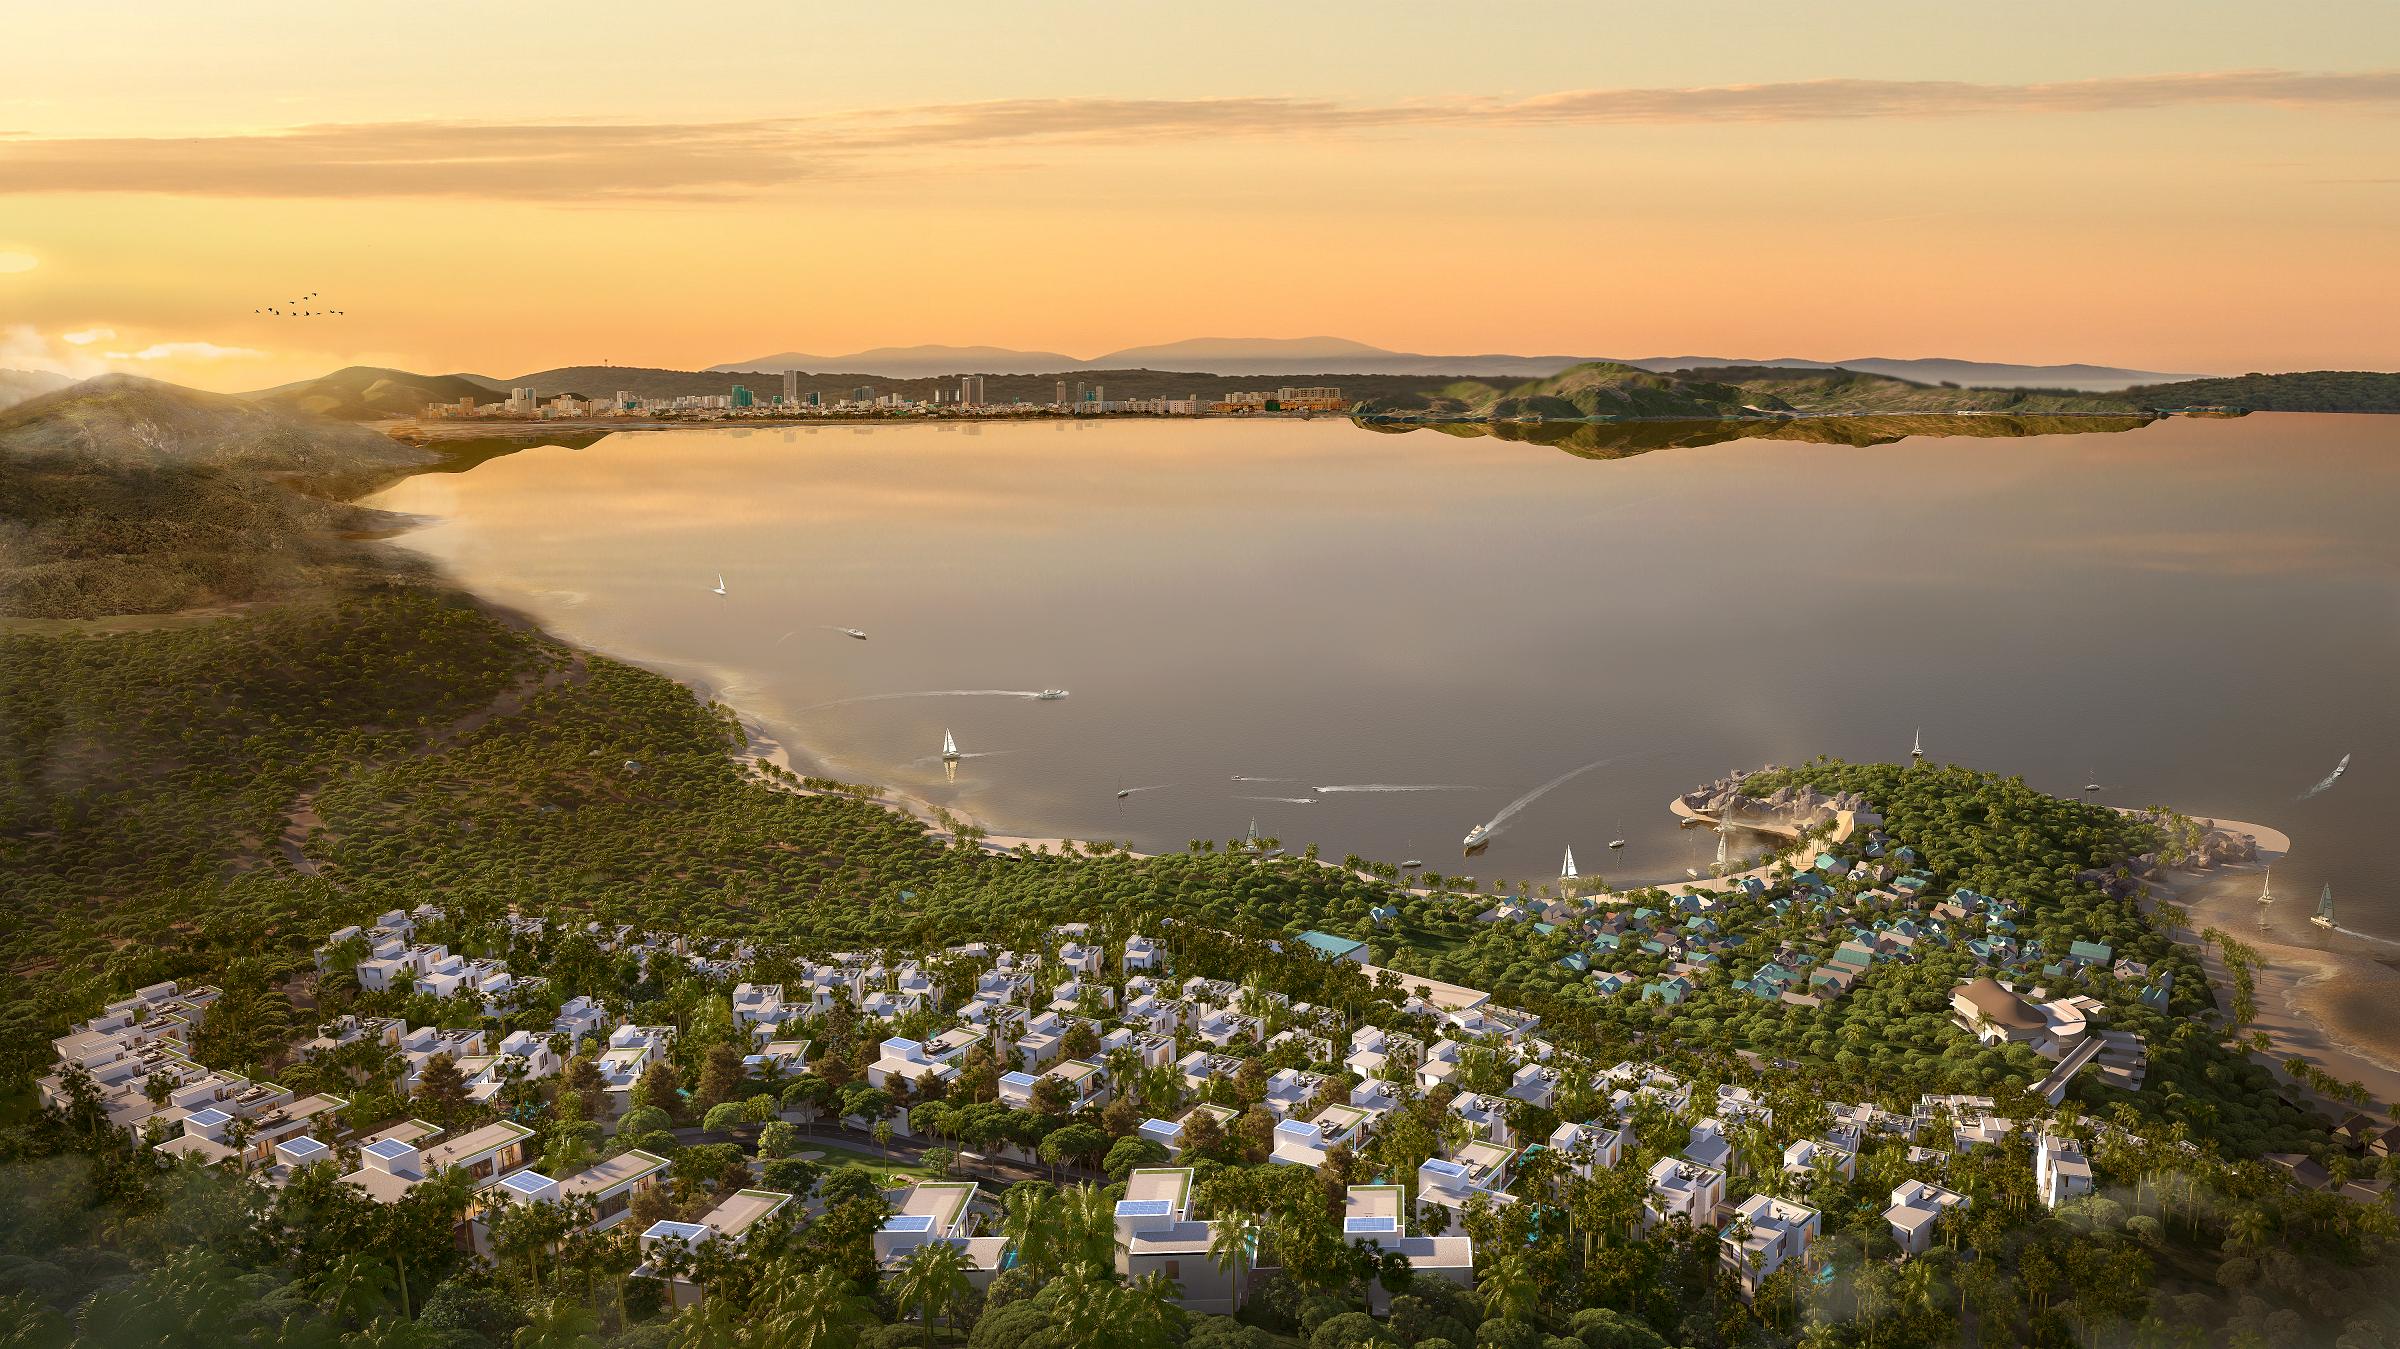 Bất động sản nghỉ dưỡng được kỳ vọng vào đà phục hồi mạnh mẽ sao khi Covid-19 được kiểm soát. Ảnh phối cảnh dự án Casa Marina Premium Quy Nhơn.